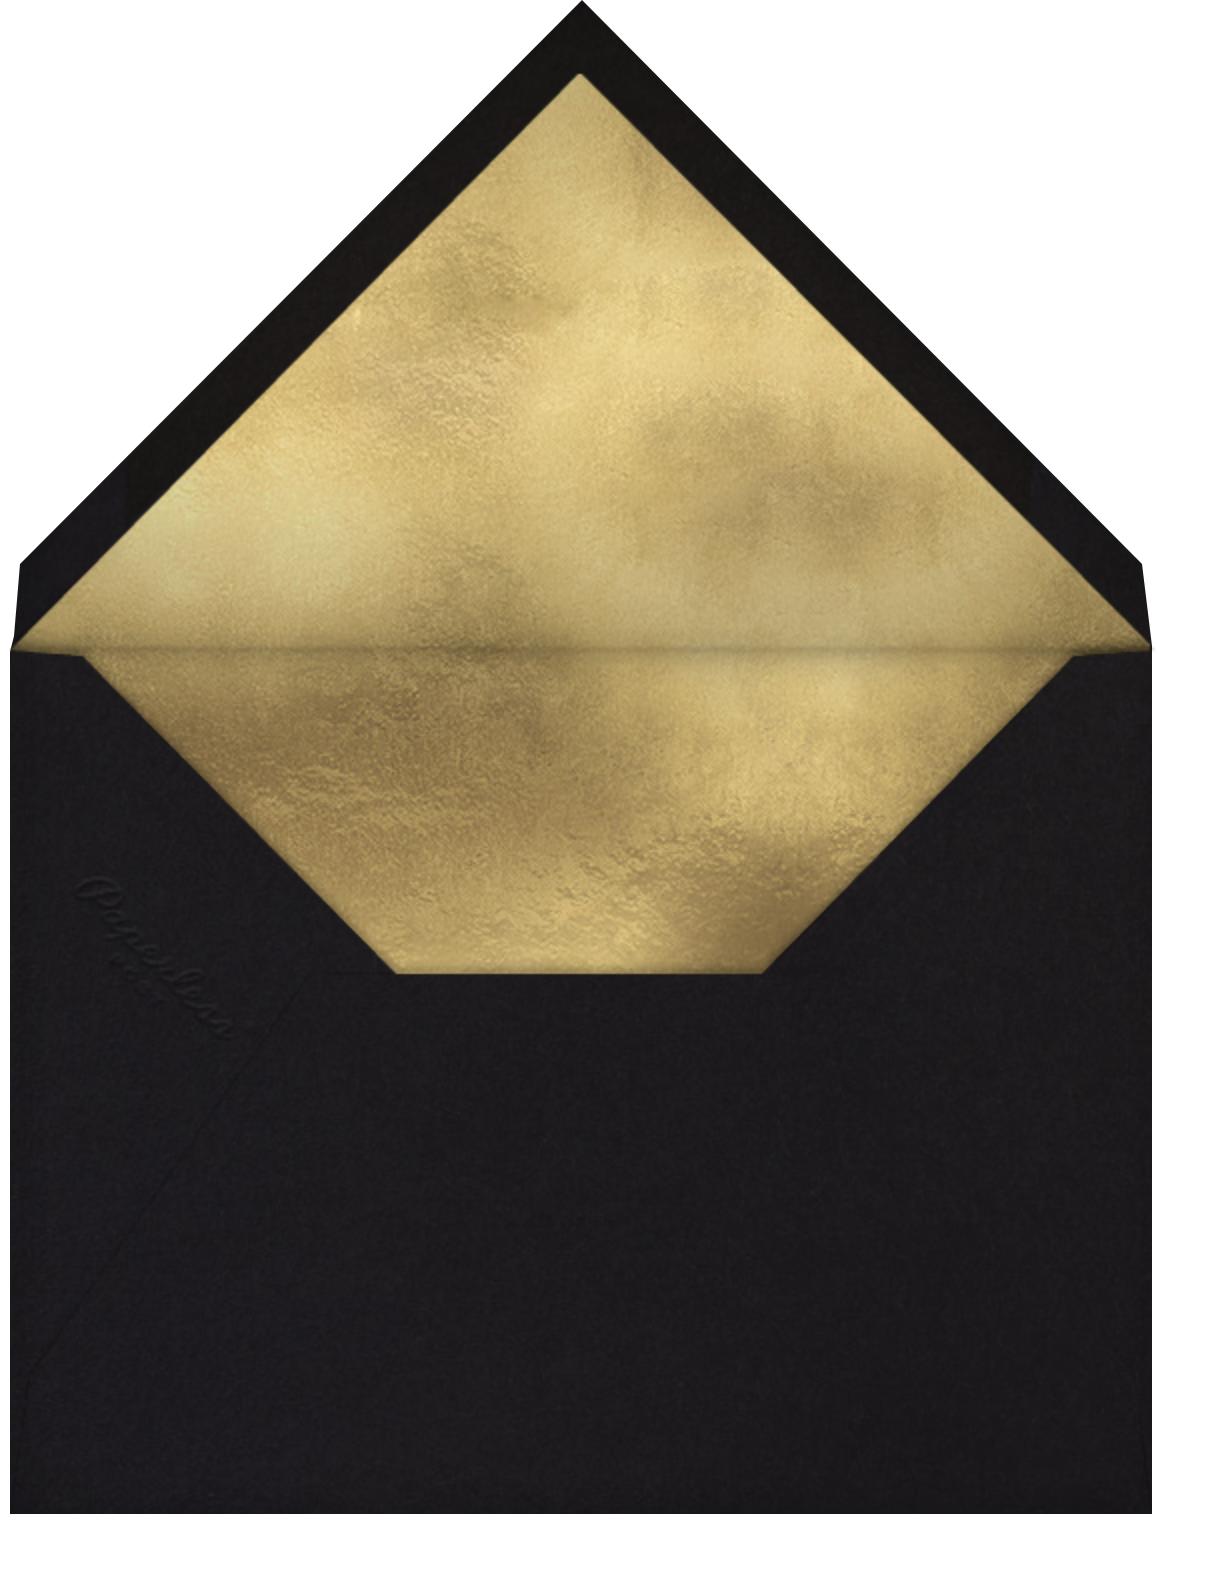 Cliff - Jonathan Adler - General entertaining - envelope back